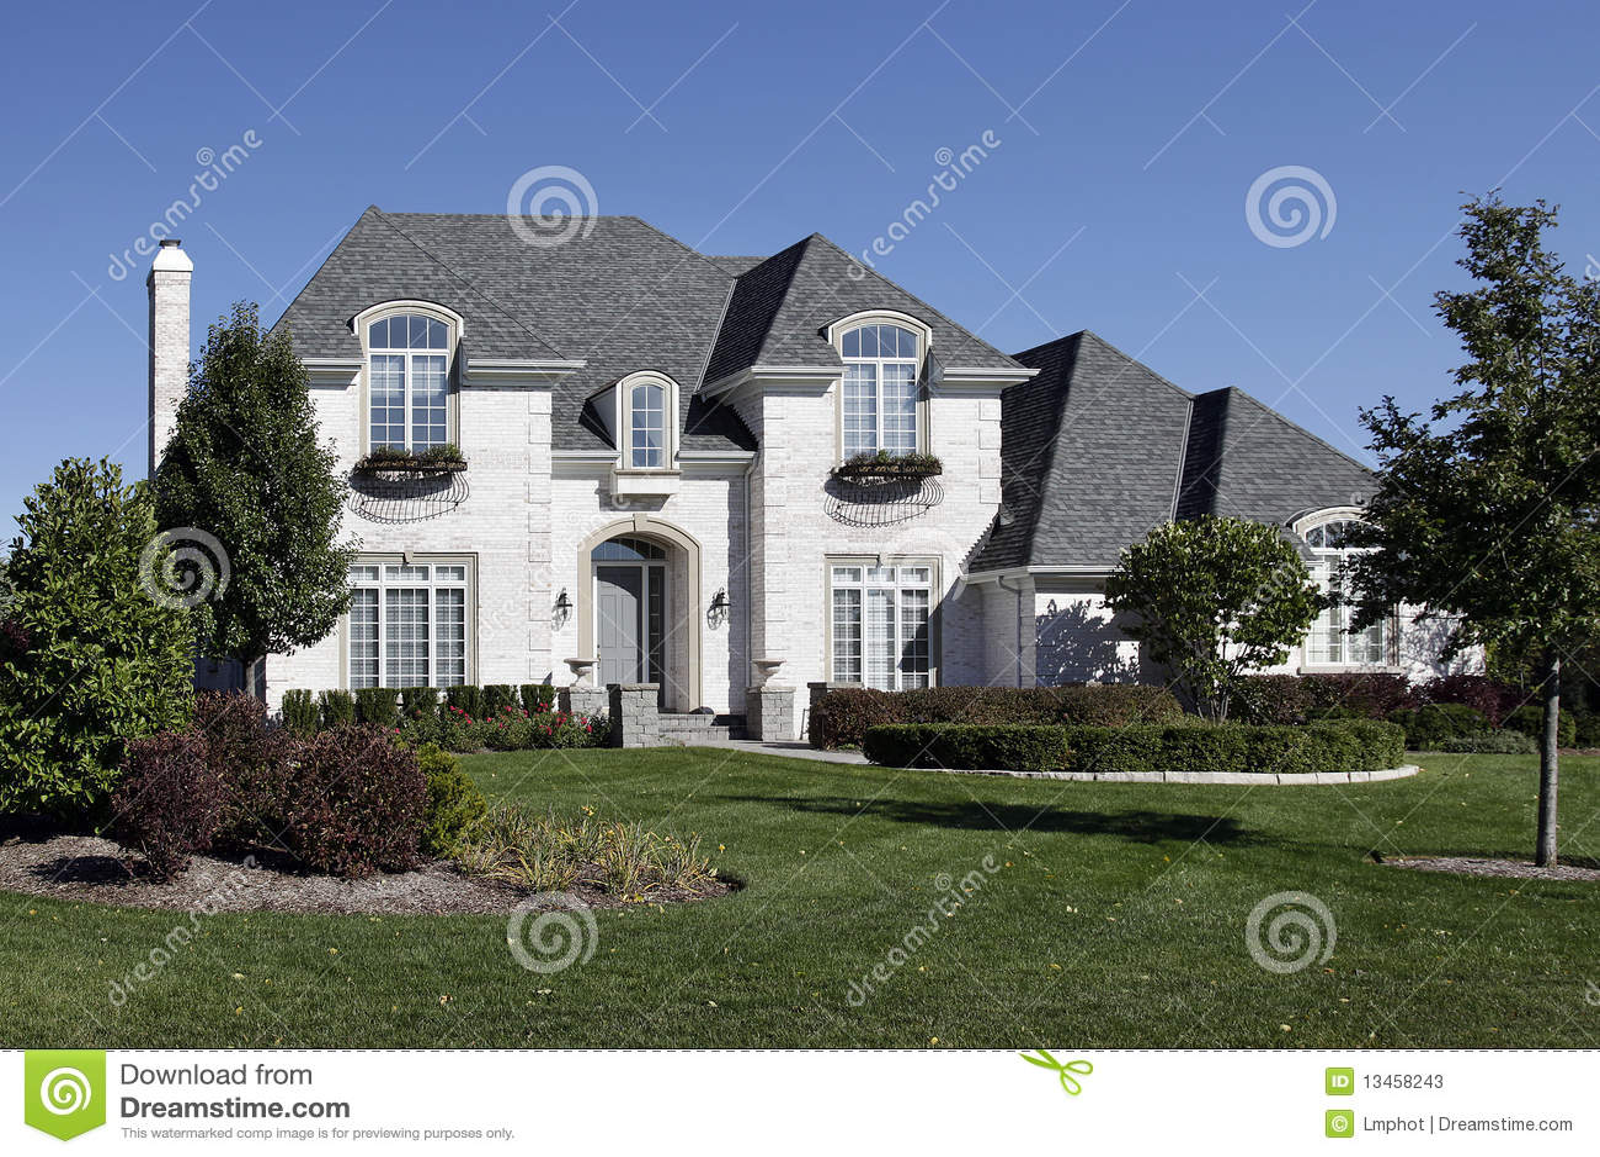 maison blanche de brique avec l 39 entr e arqu e photos stock ForMaison En Brique Blanche